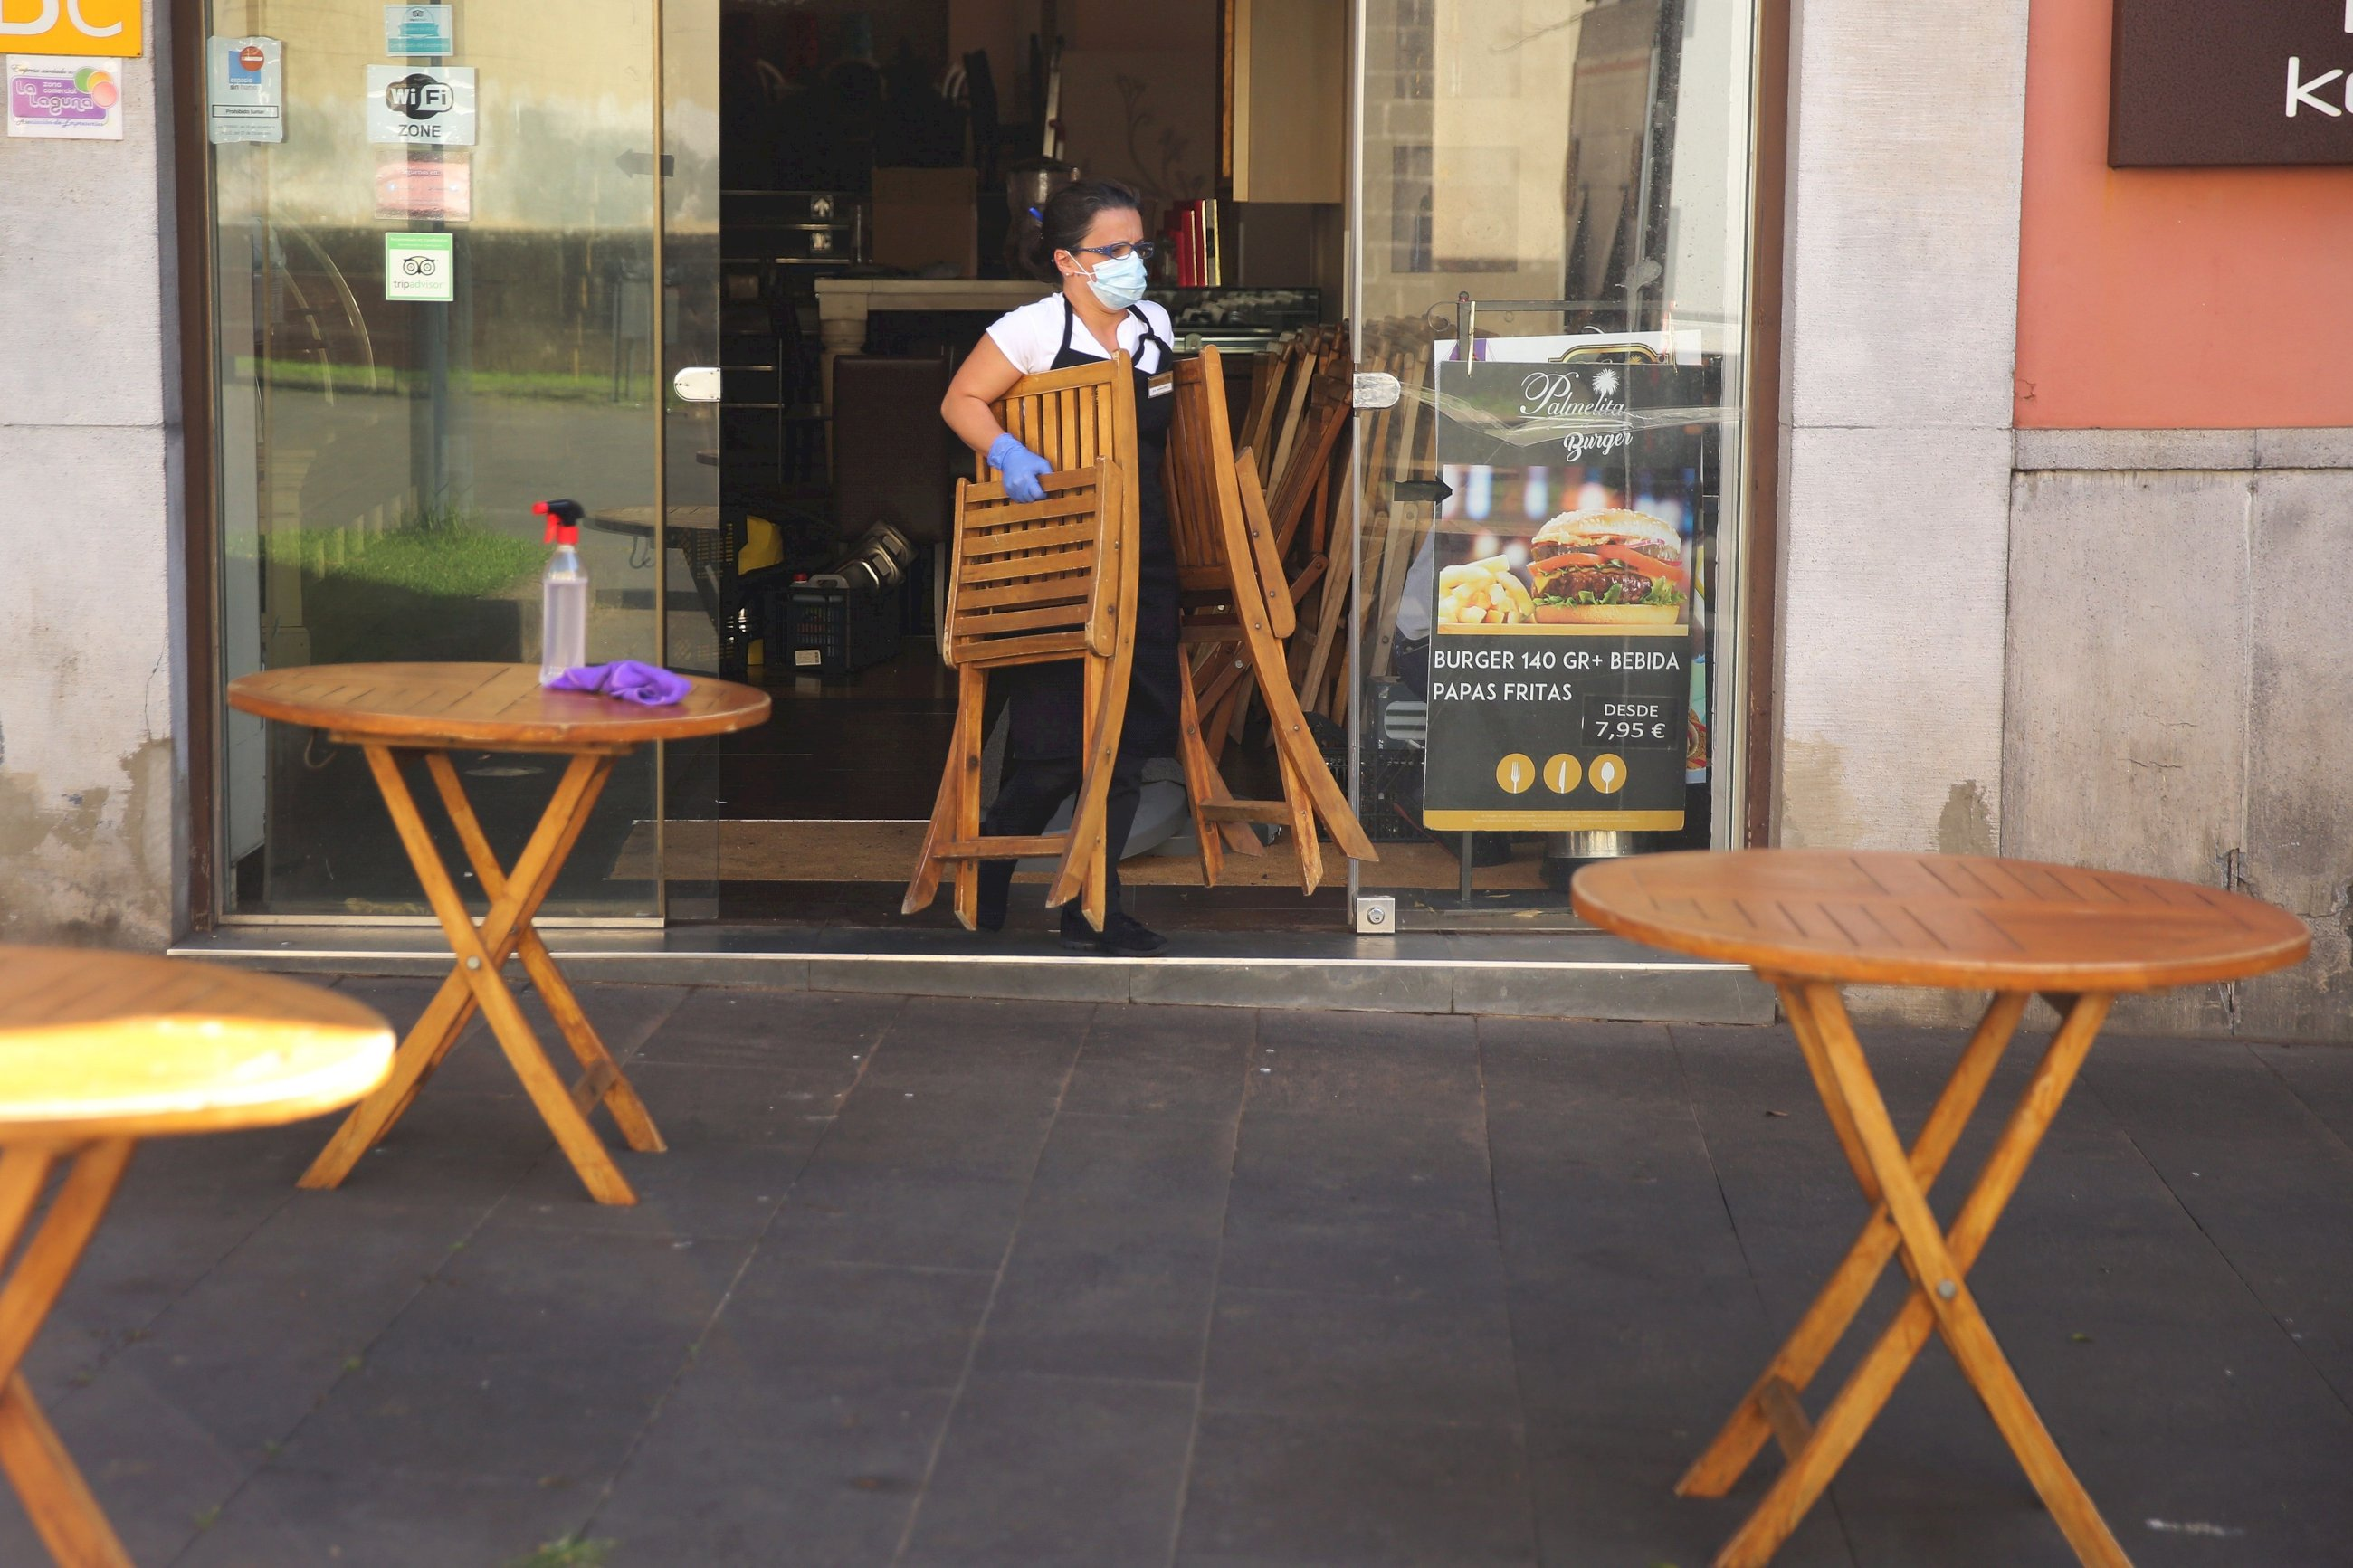 Una trabajadora de un establecimiento de hostelería saca las sillas a la terraza.